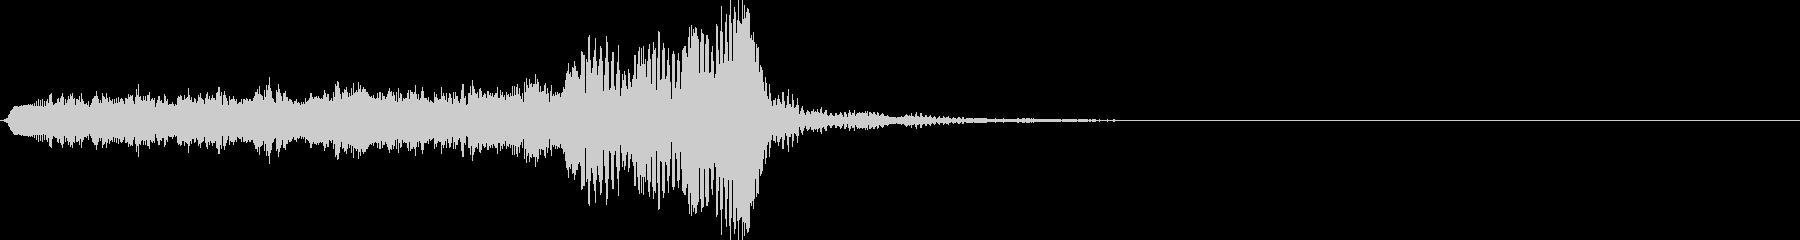 木管ジングル 可愛い(逃げる・切替わり)の未再生の波形